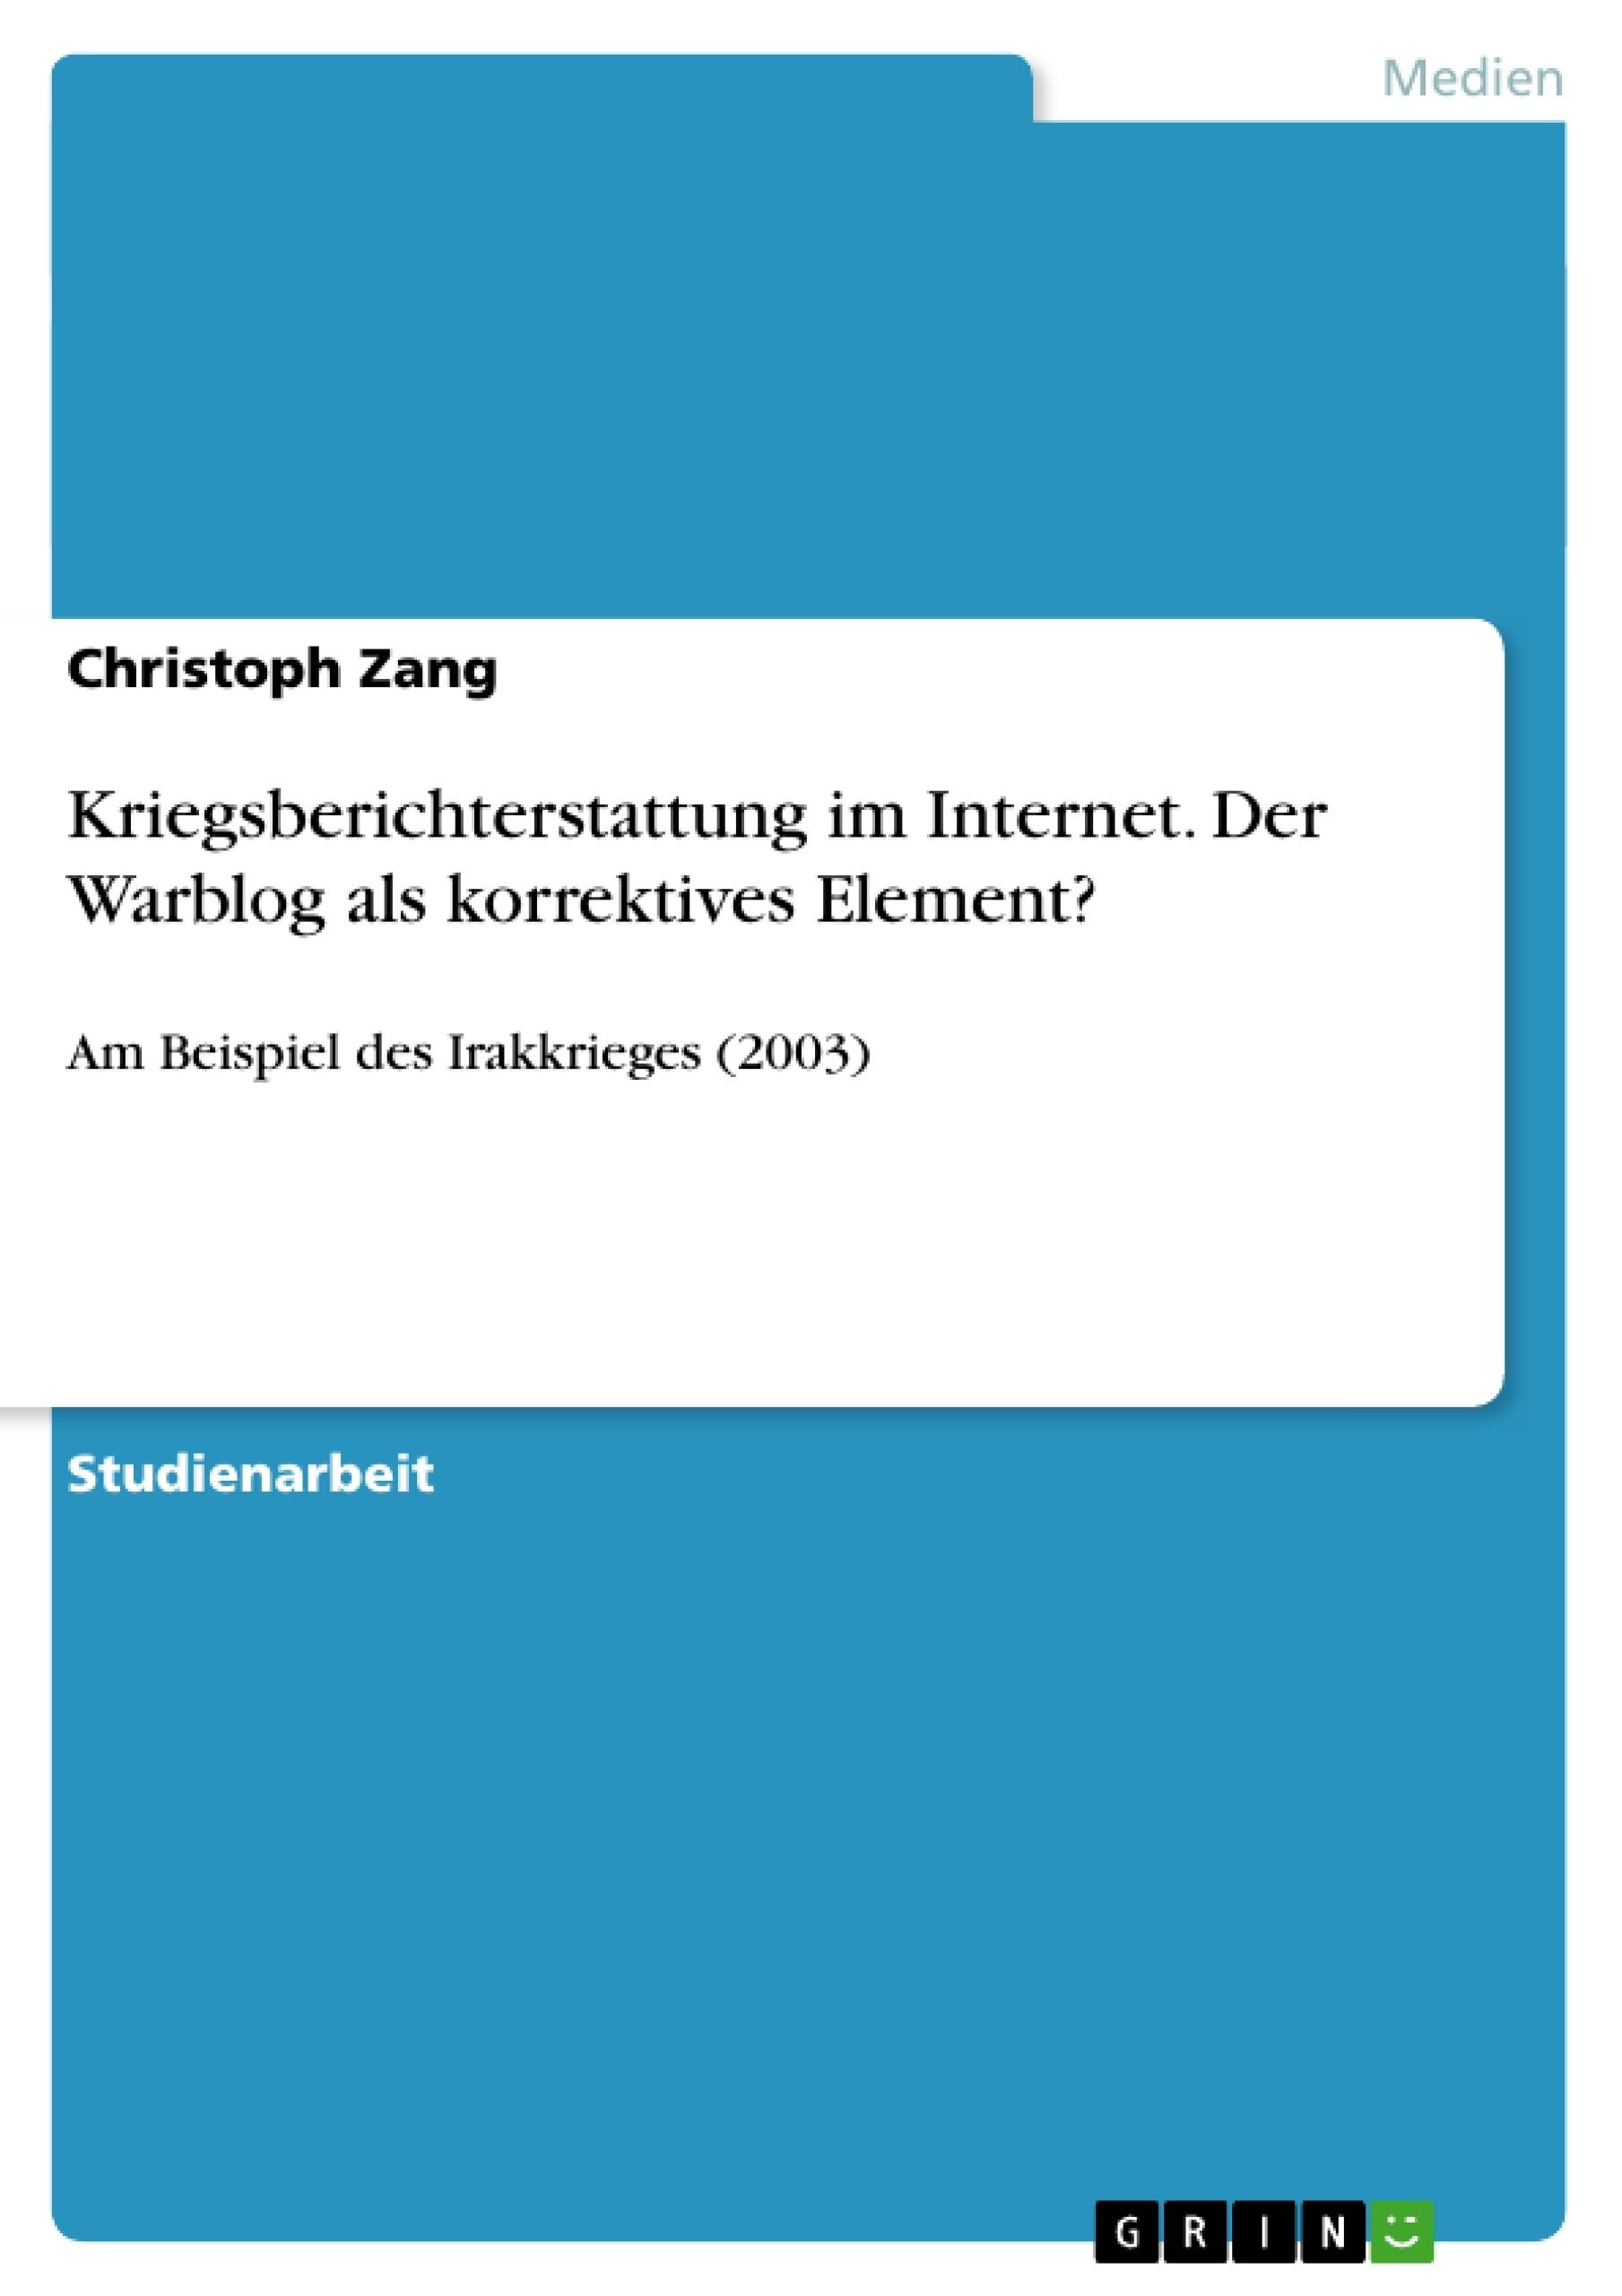 Titel: Kriegsberichterstattung im Internet. Der Warblog als korrektives Element?